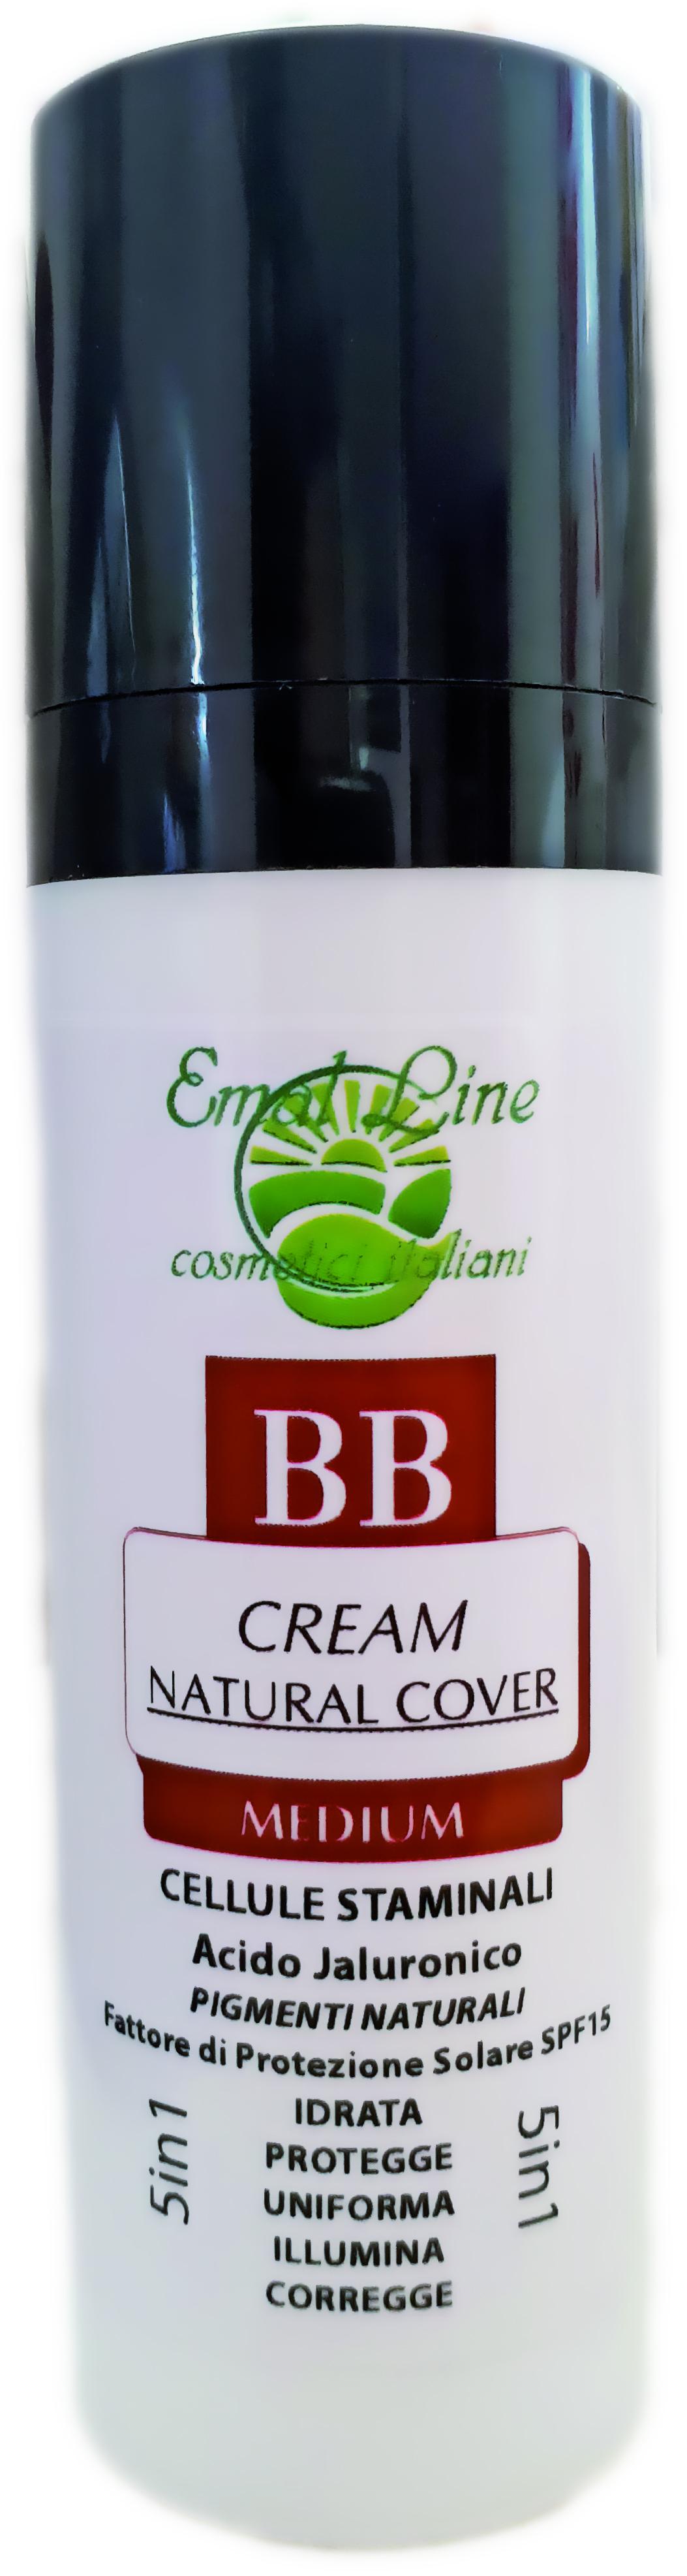 BB Cream colore Medio alle cellule staminali 30 ml